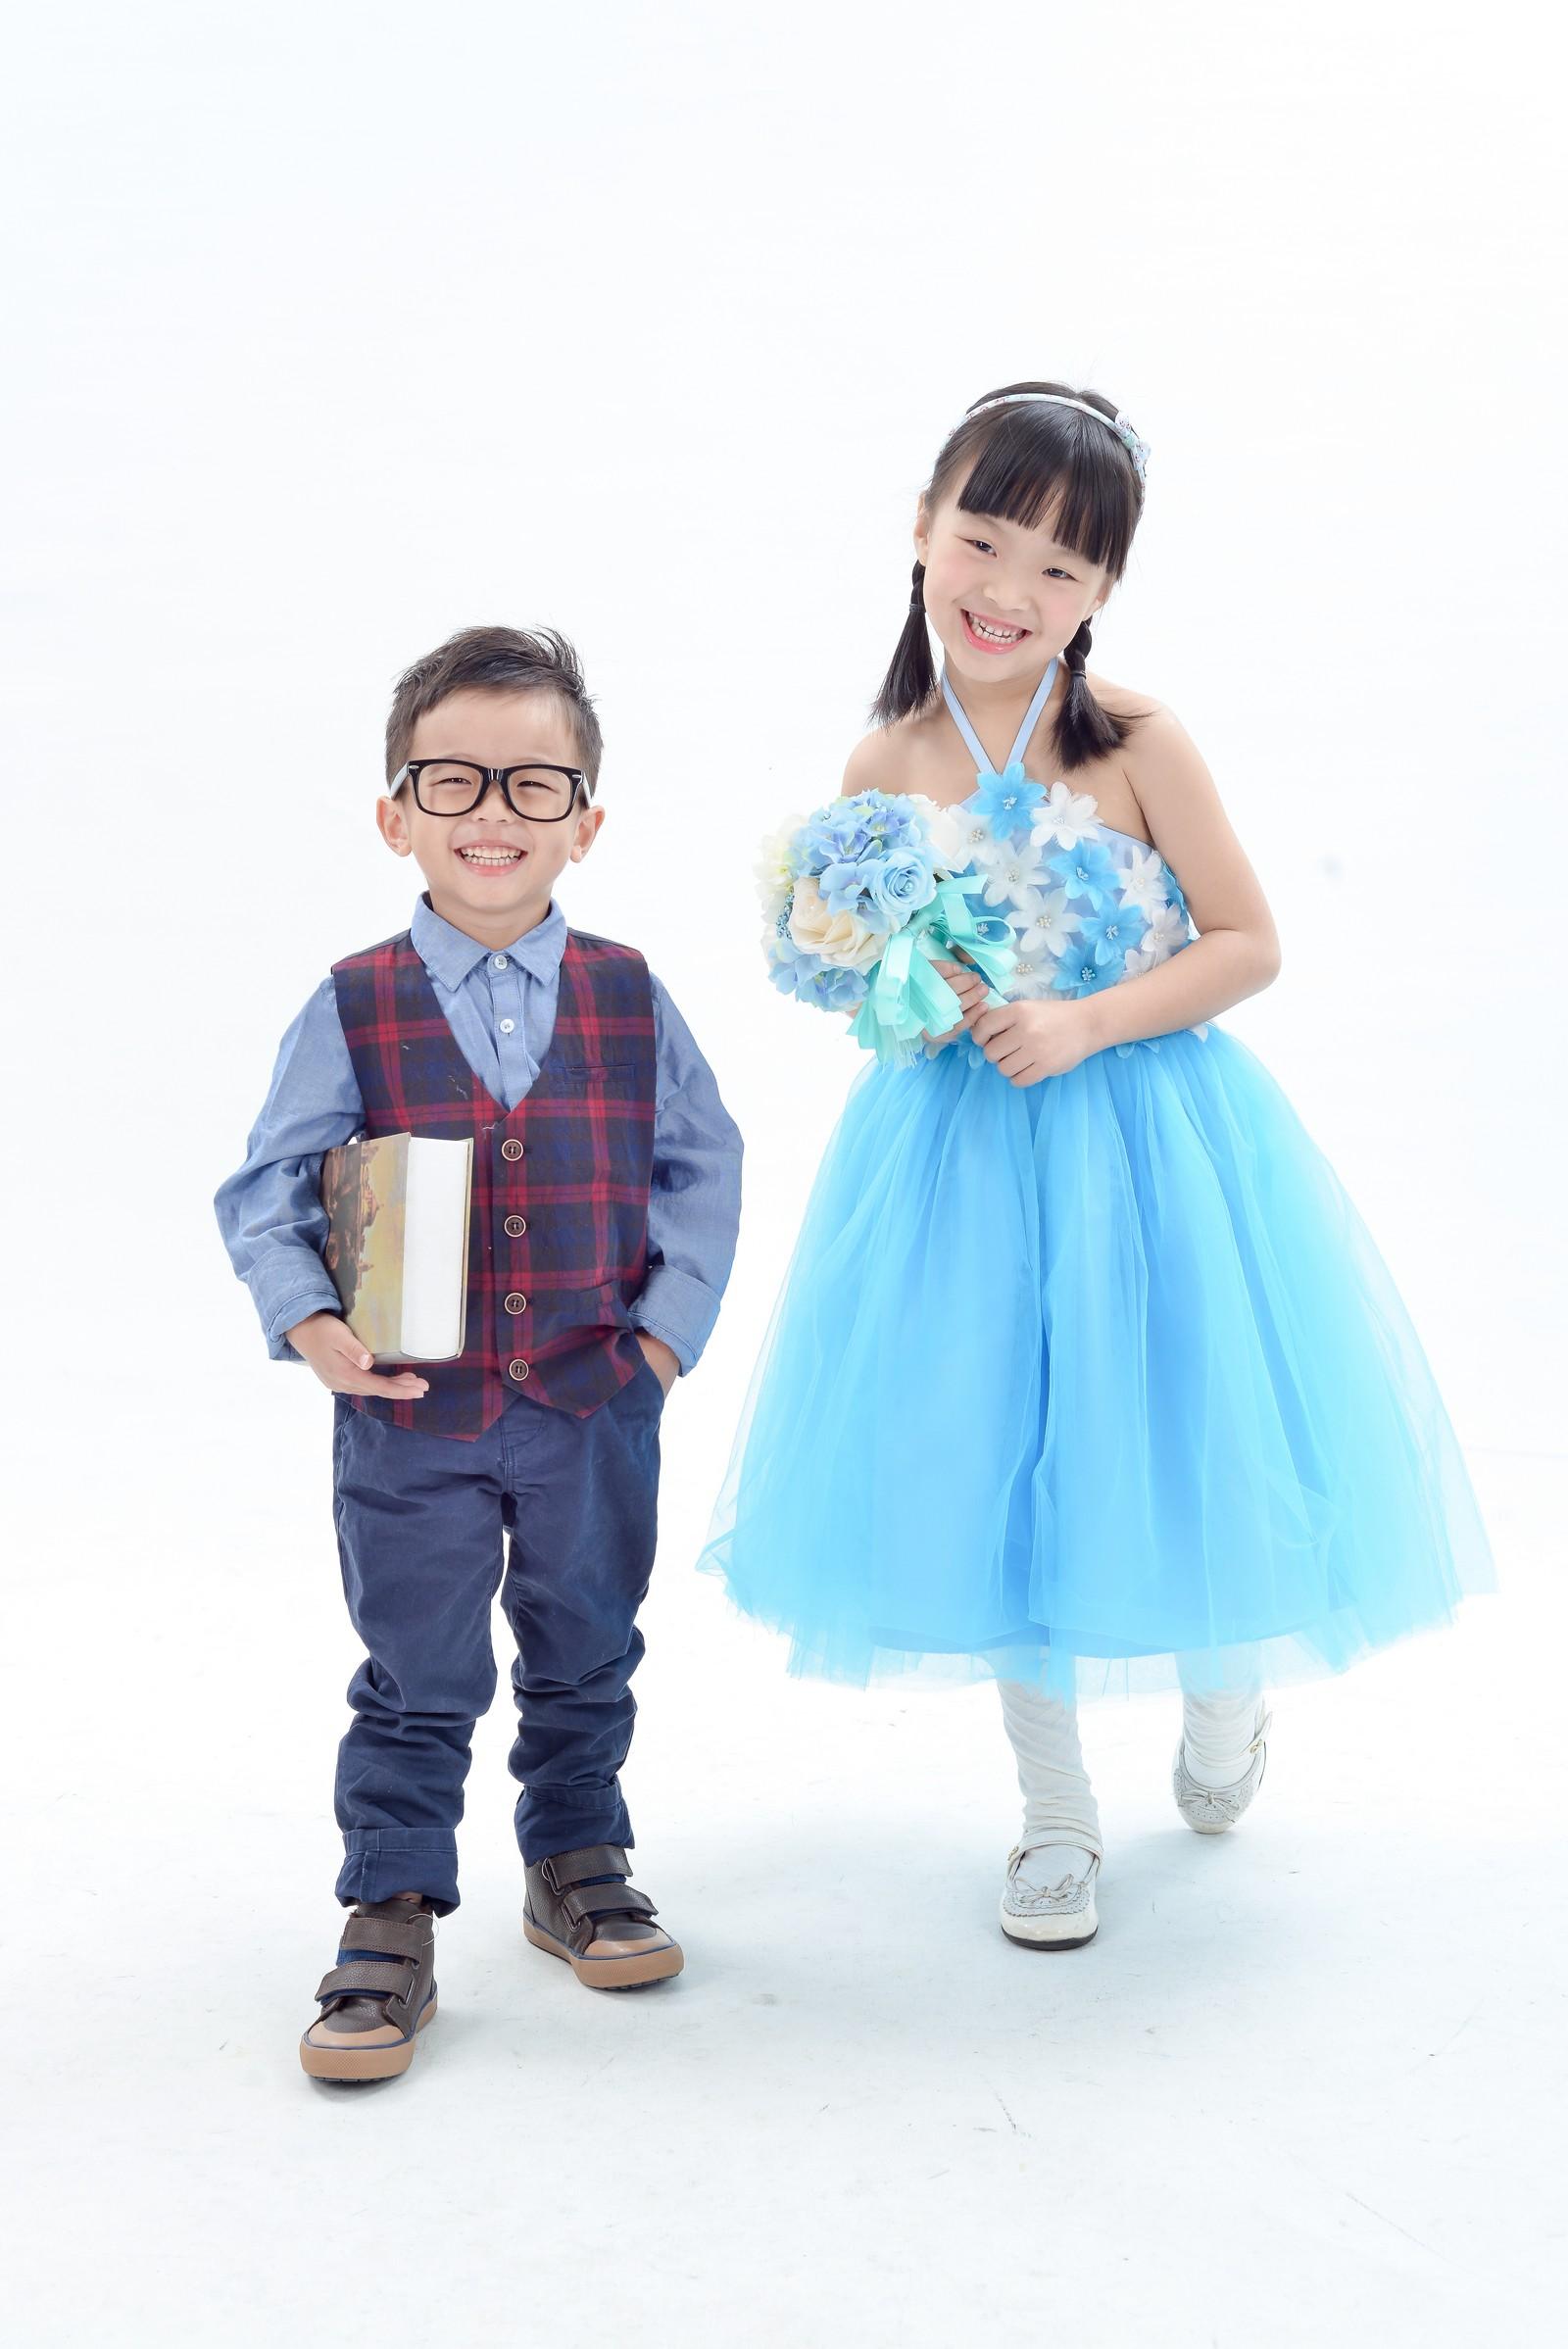 兒童寫真,兒童攝影,婚紗攝影師,自助婚紗,bb24